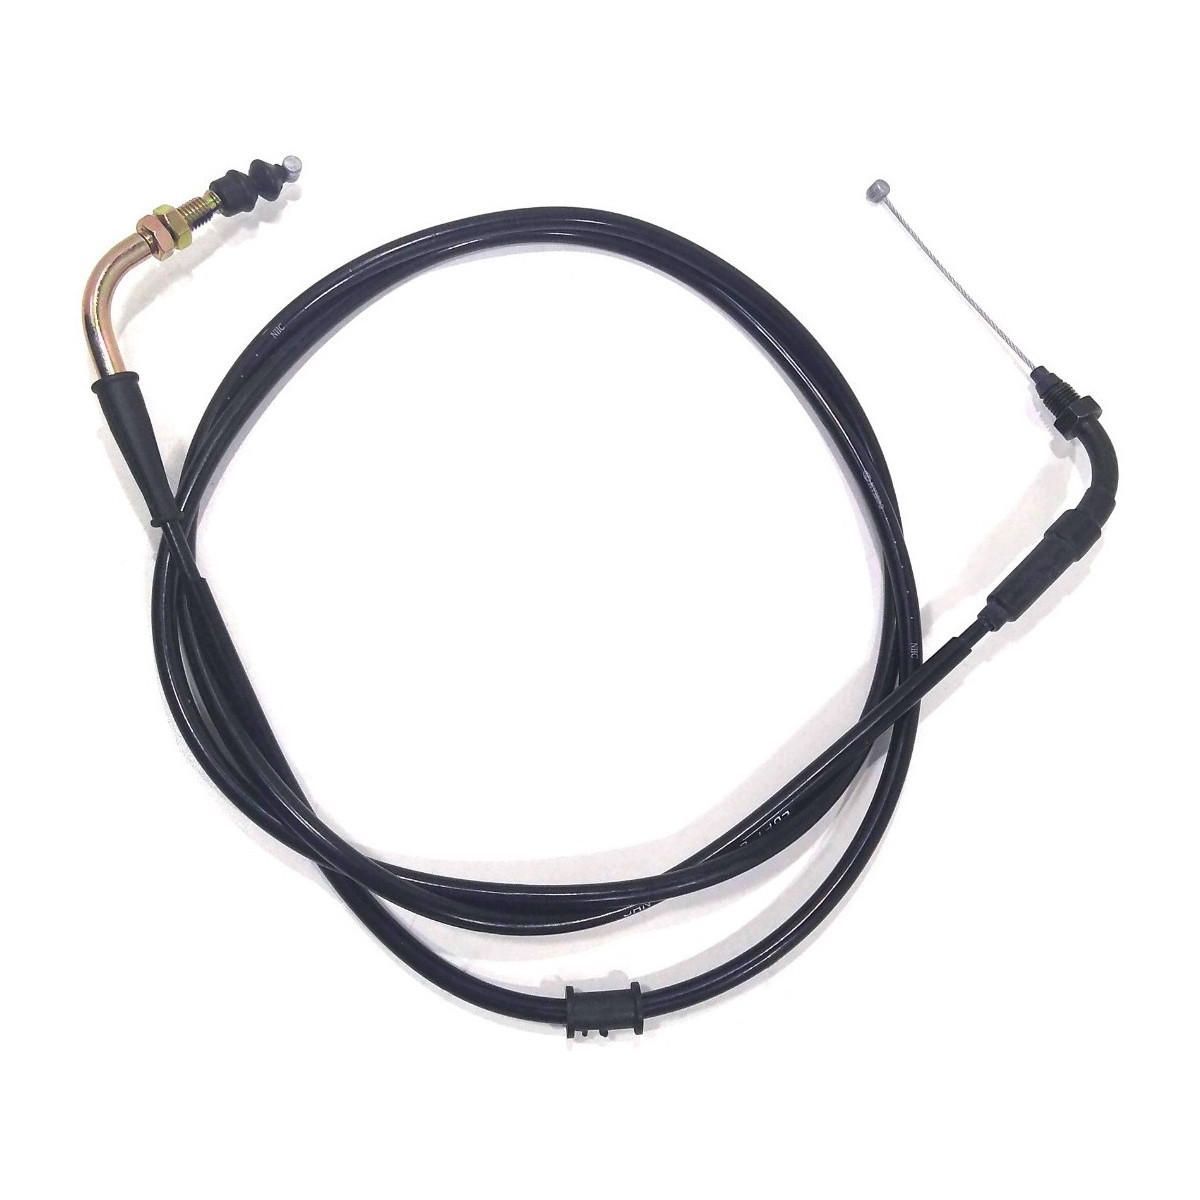 Cable Acelerador Kymco Like 125 Original